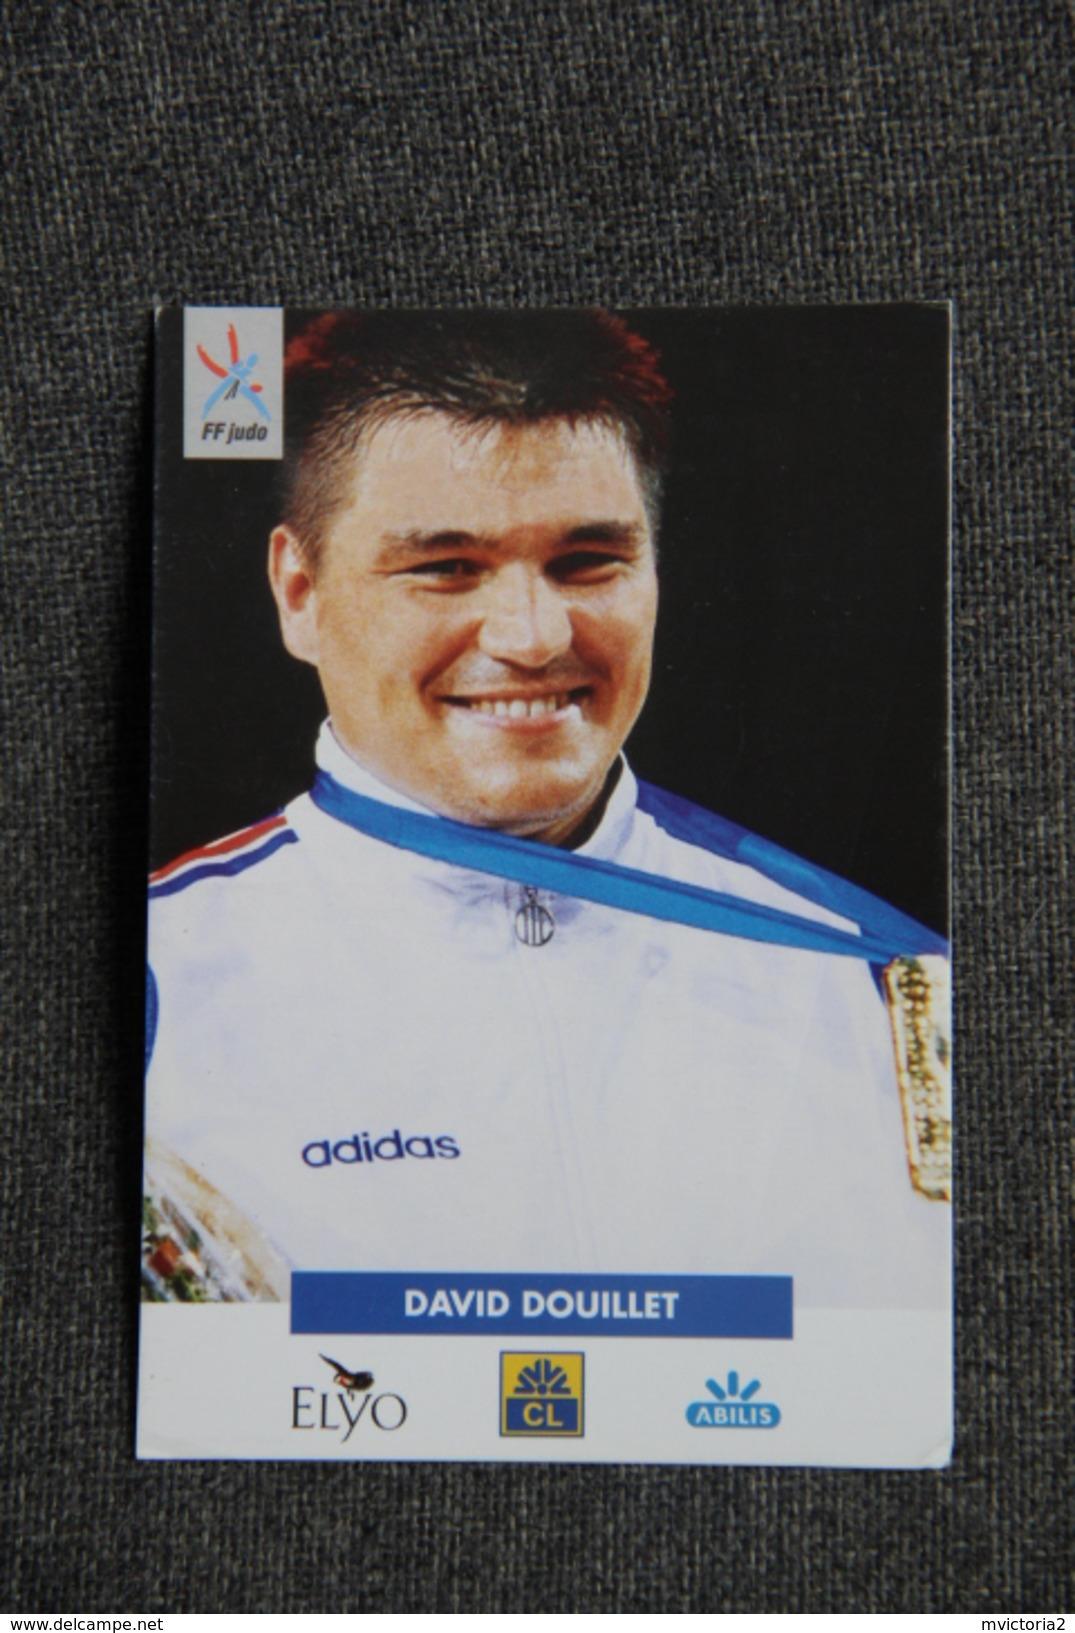 JUDO - DAVID DOUILLET - Cartes Postales